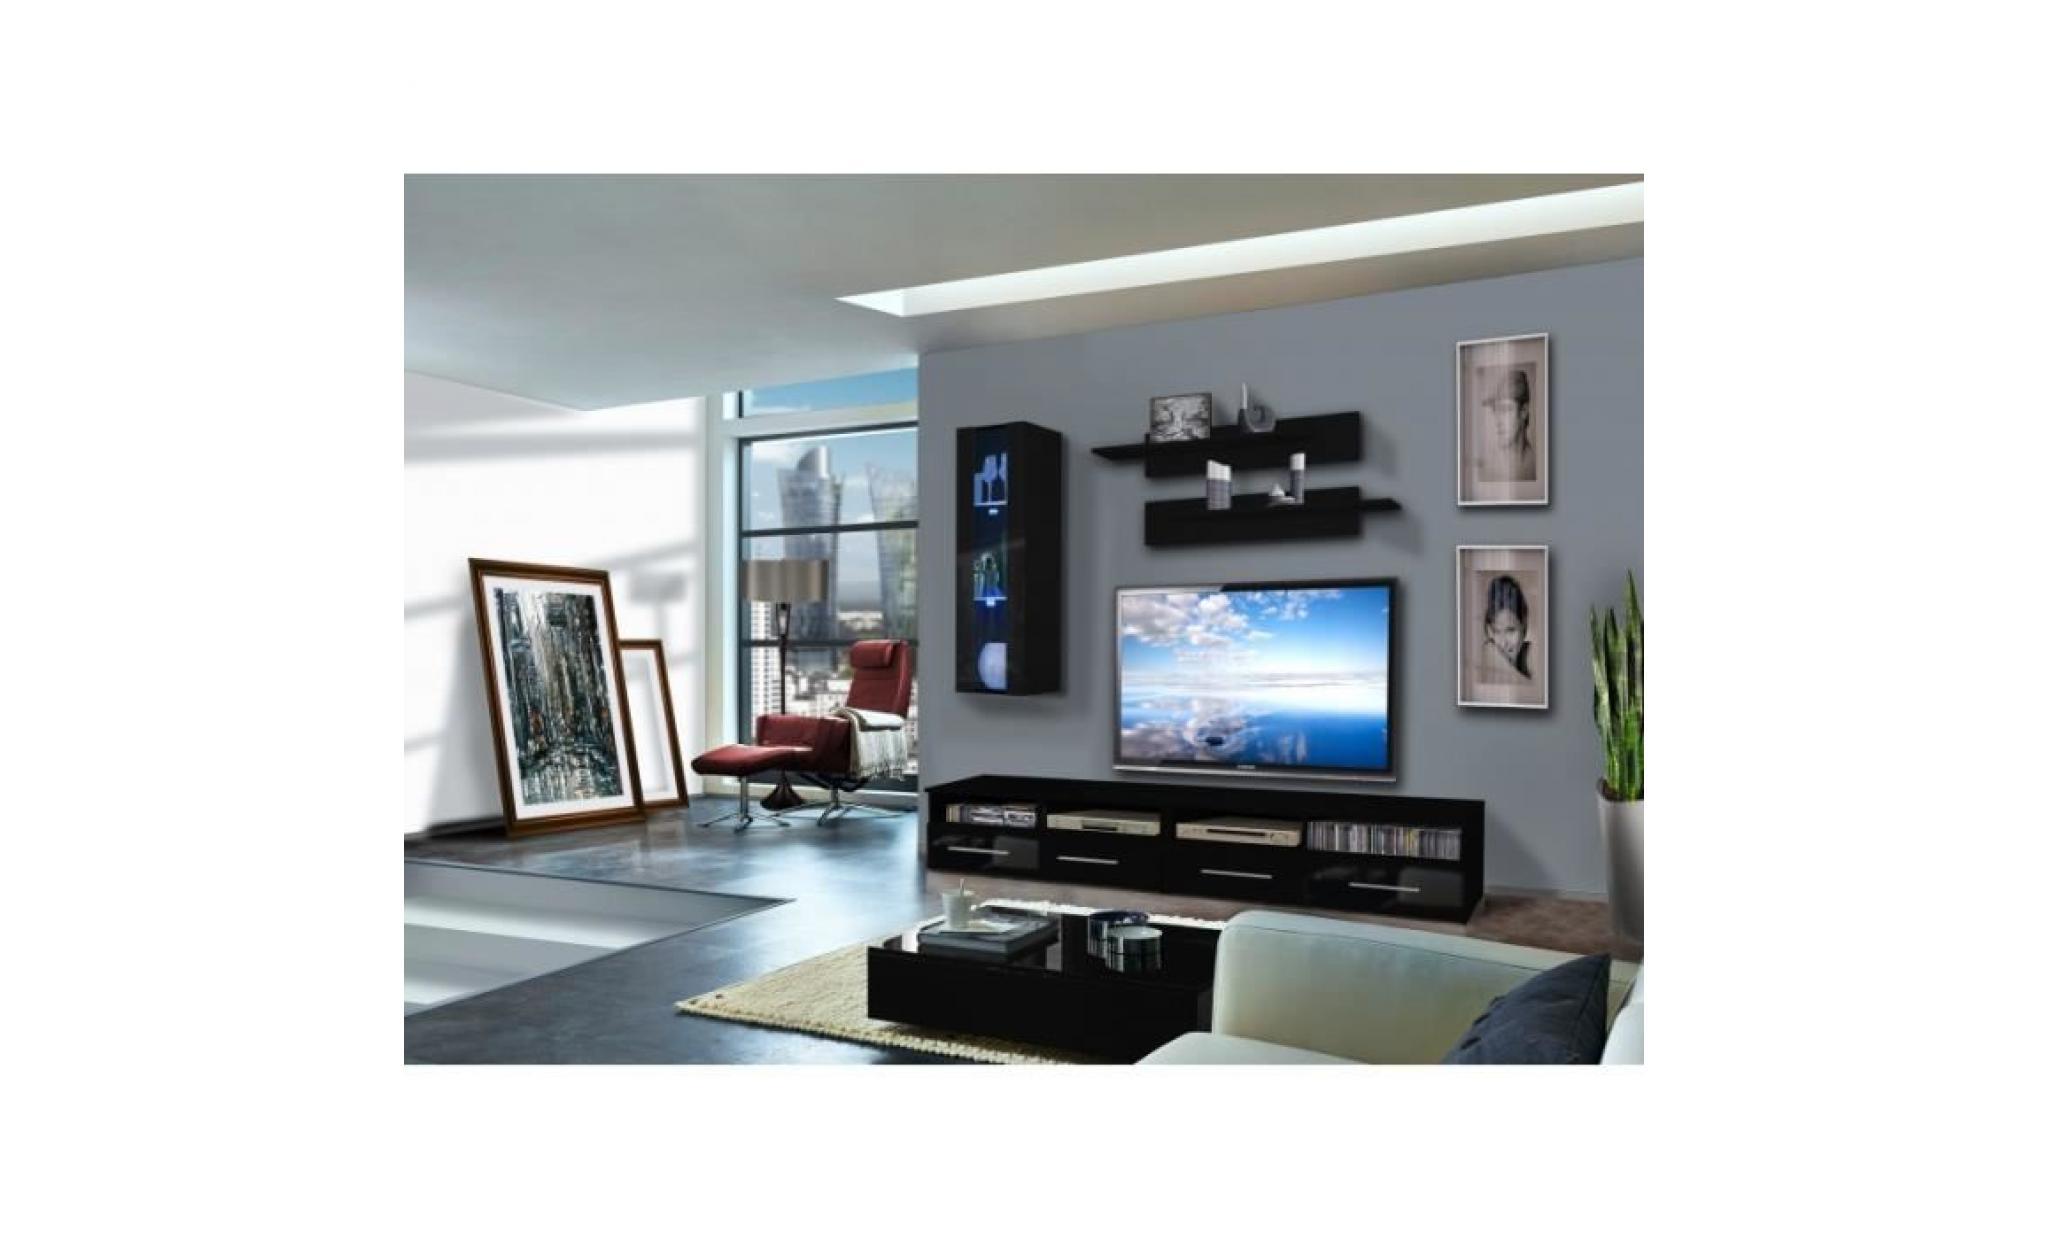 ensemble meuble tv mural 1 vitrine led clevo vi l 120 cm noir et blanc 45 cm achat vente meuble tv pas cher couleur et design fr